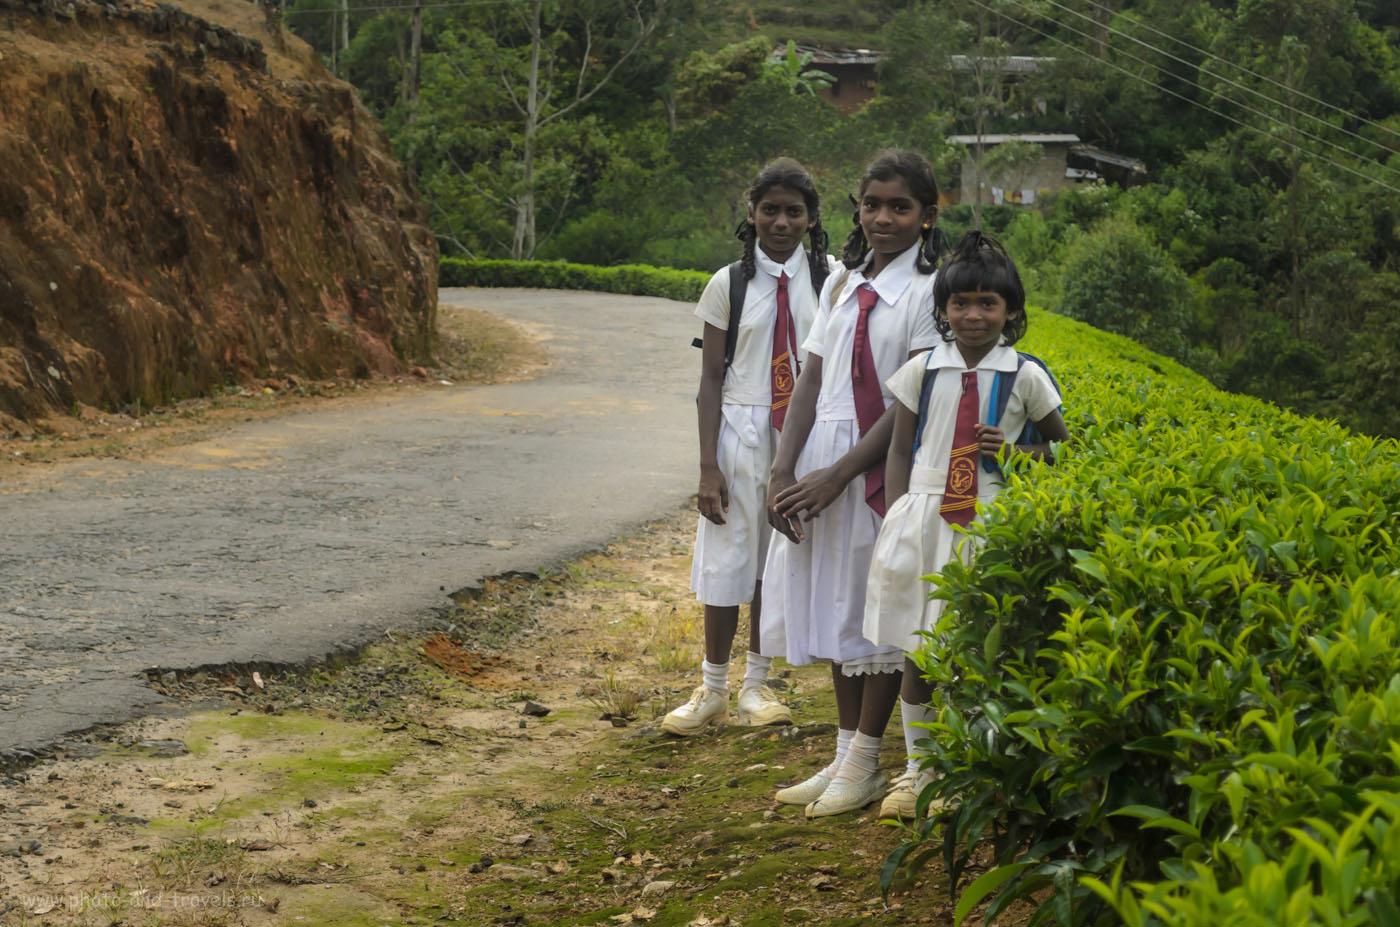 Фотография 19. Школьницы в горной деревне Шри-Ланки. Скорей всего, этот снимок снят в районе села Аграпатана. Как мы доехали до Пика Адама через территорию парка Хортон Плейнс (Horton Plains) на автомобиле.